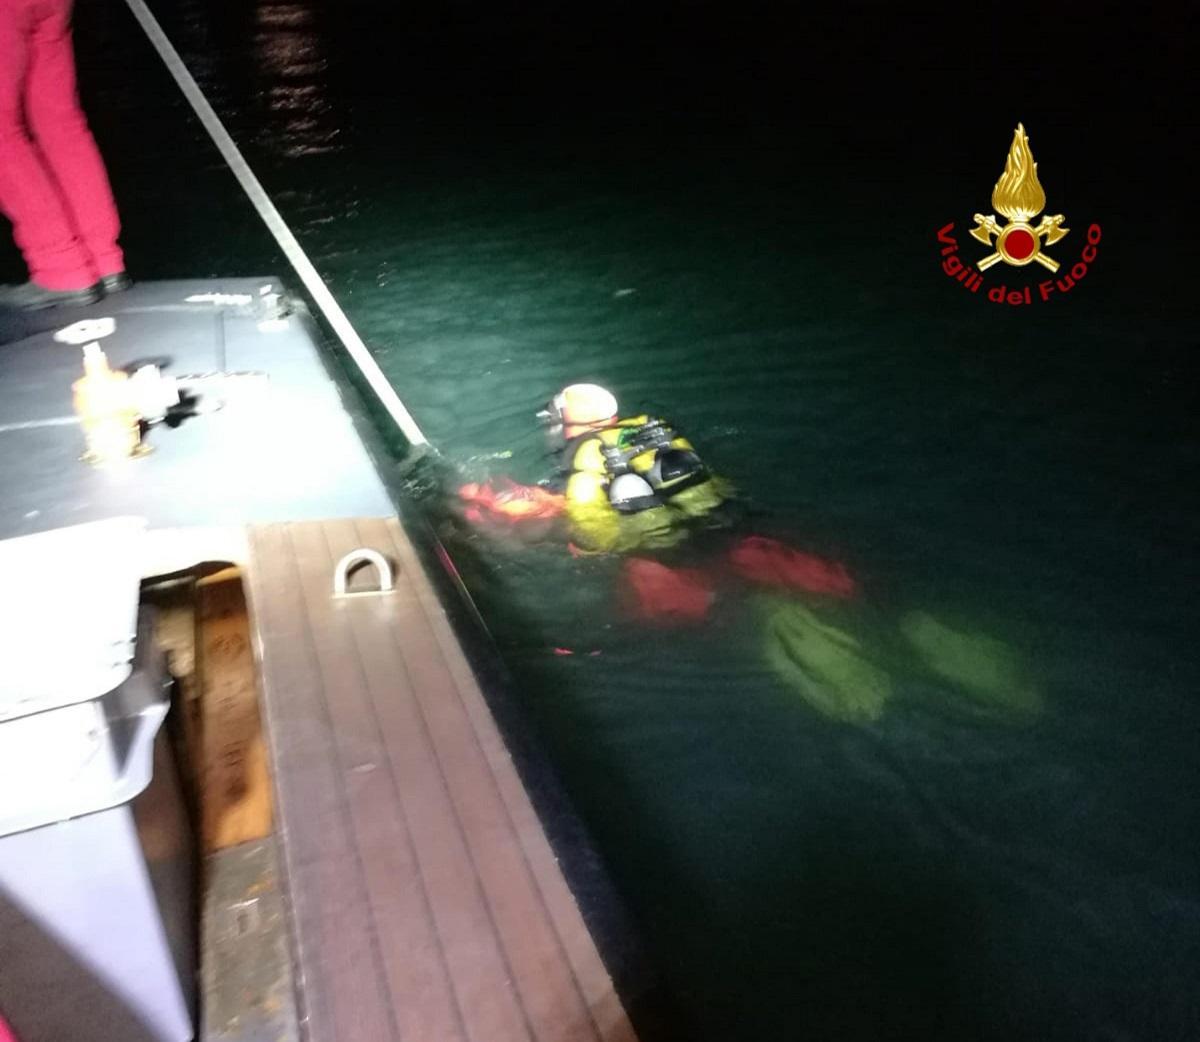 Tragedia a Venezia: barca contro la diga. 3 morti, anche un